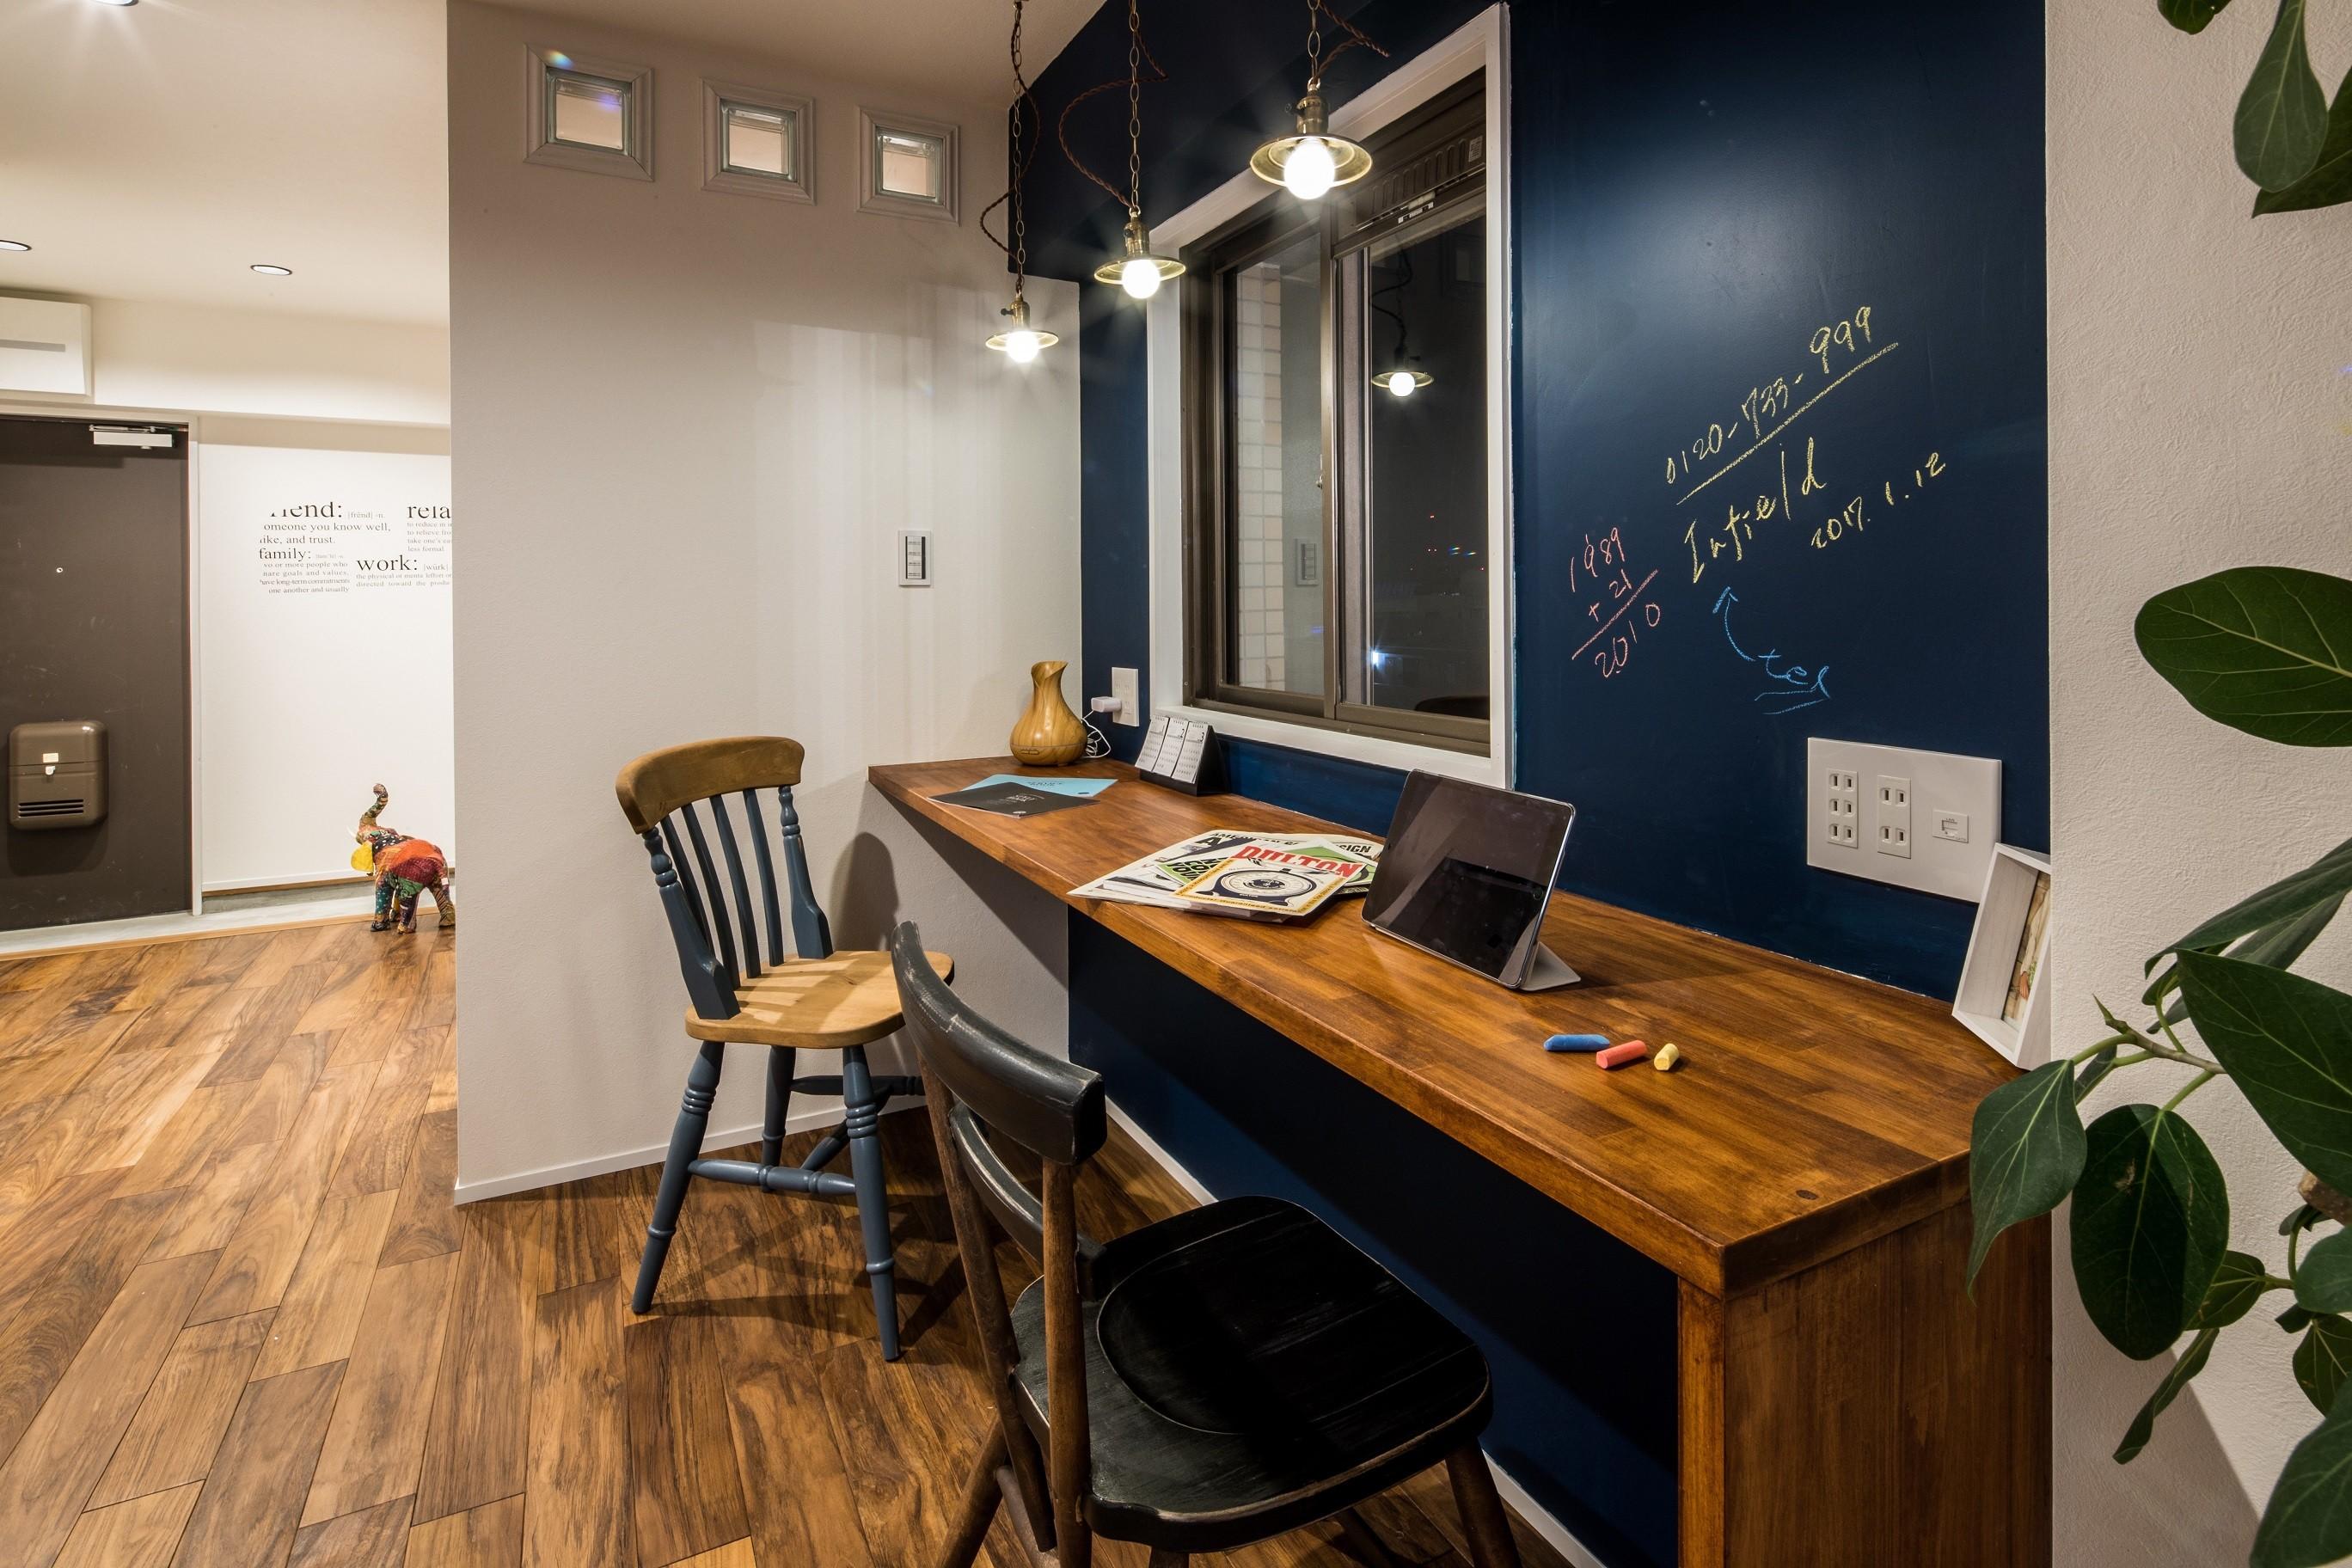 書斎事例:黒板のあるワークスペース(アウトドアリビングの暮らしを楽しめる家)